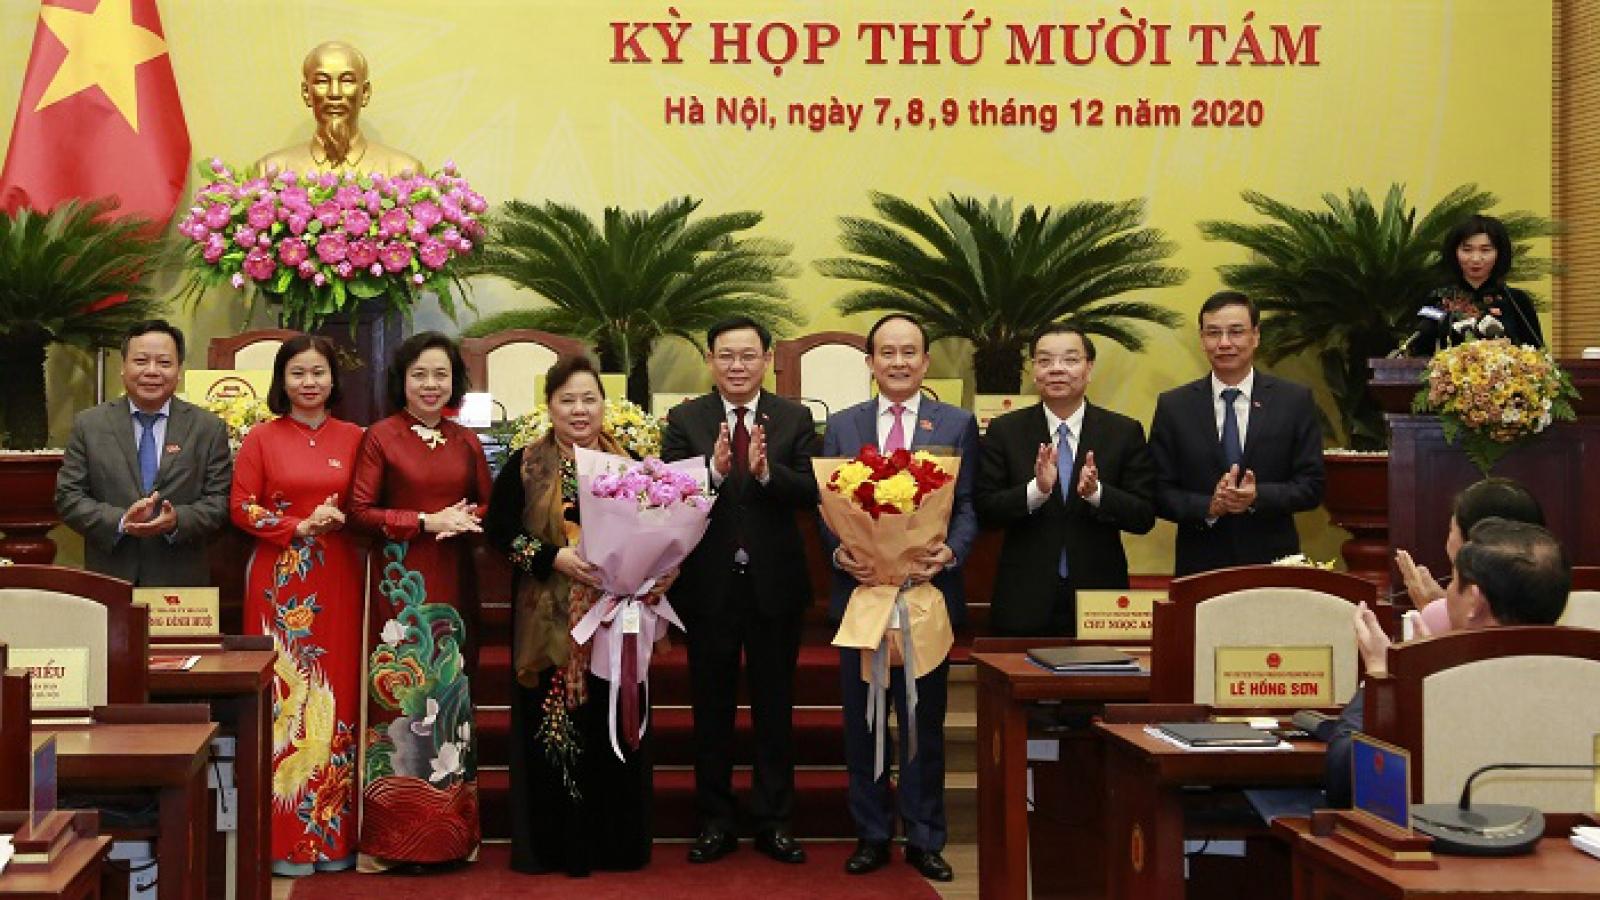 Ủy ban Thường vụ Quốc hội phê chuẩn nhân sự 9 tỉnh, thành phố